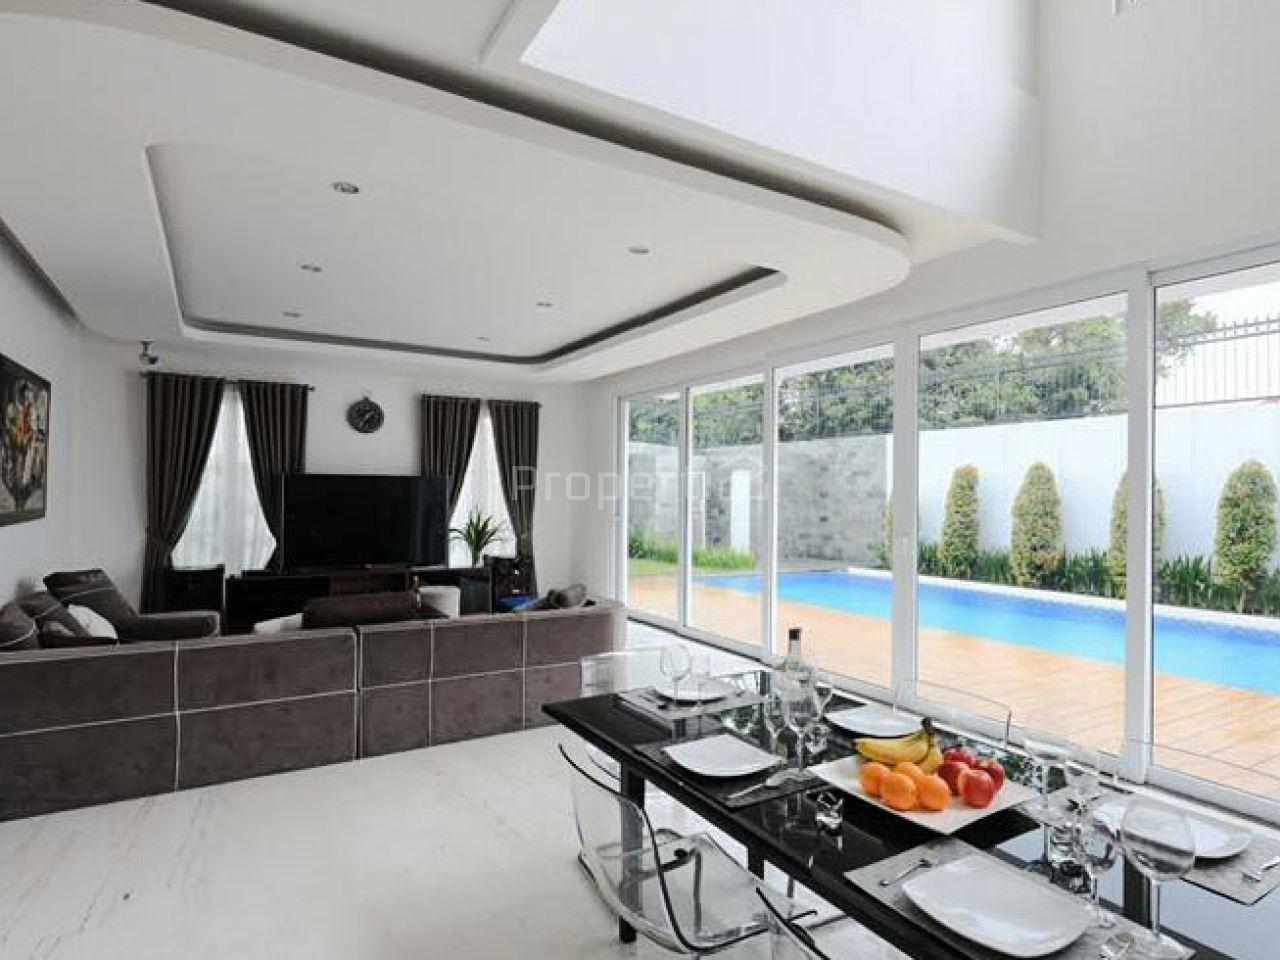 Rumah Baru Mewah Modern dengan Kolam Renang di Cipete, Jakarta Selatan